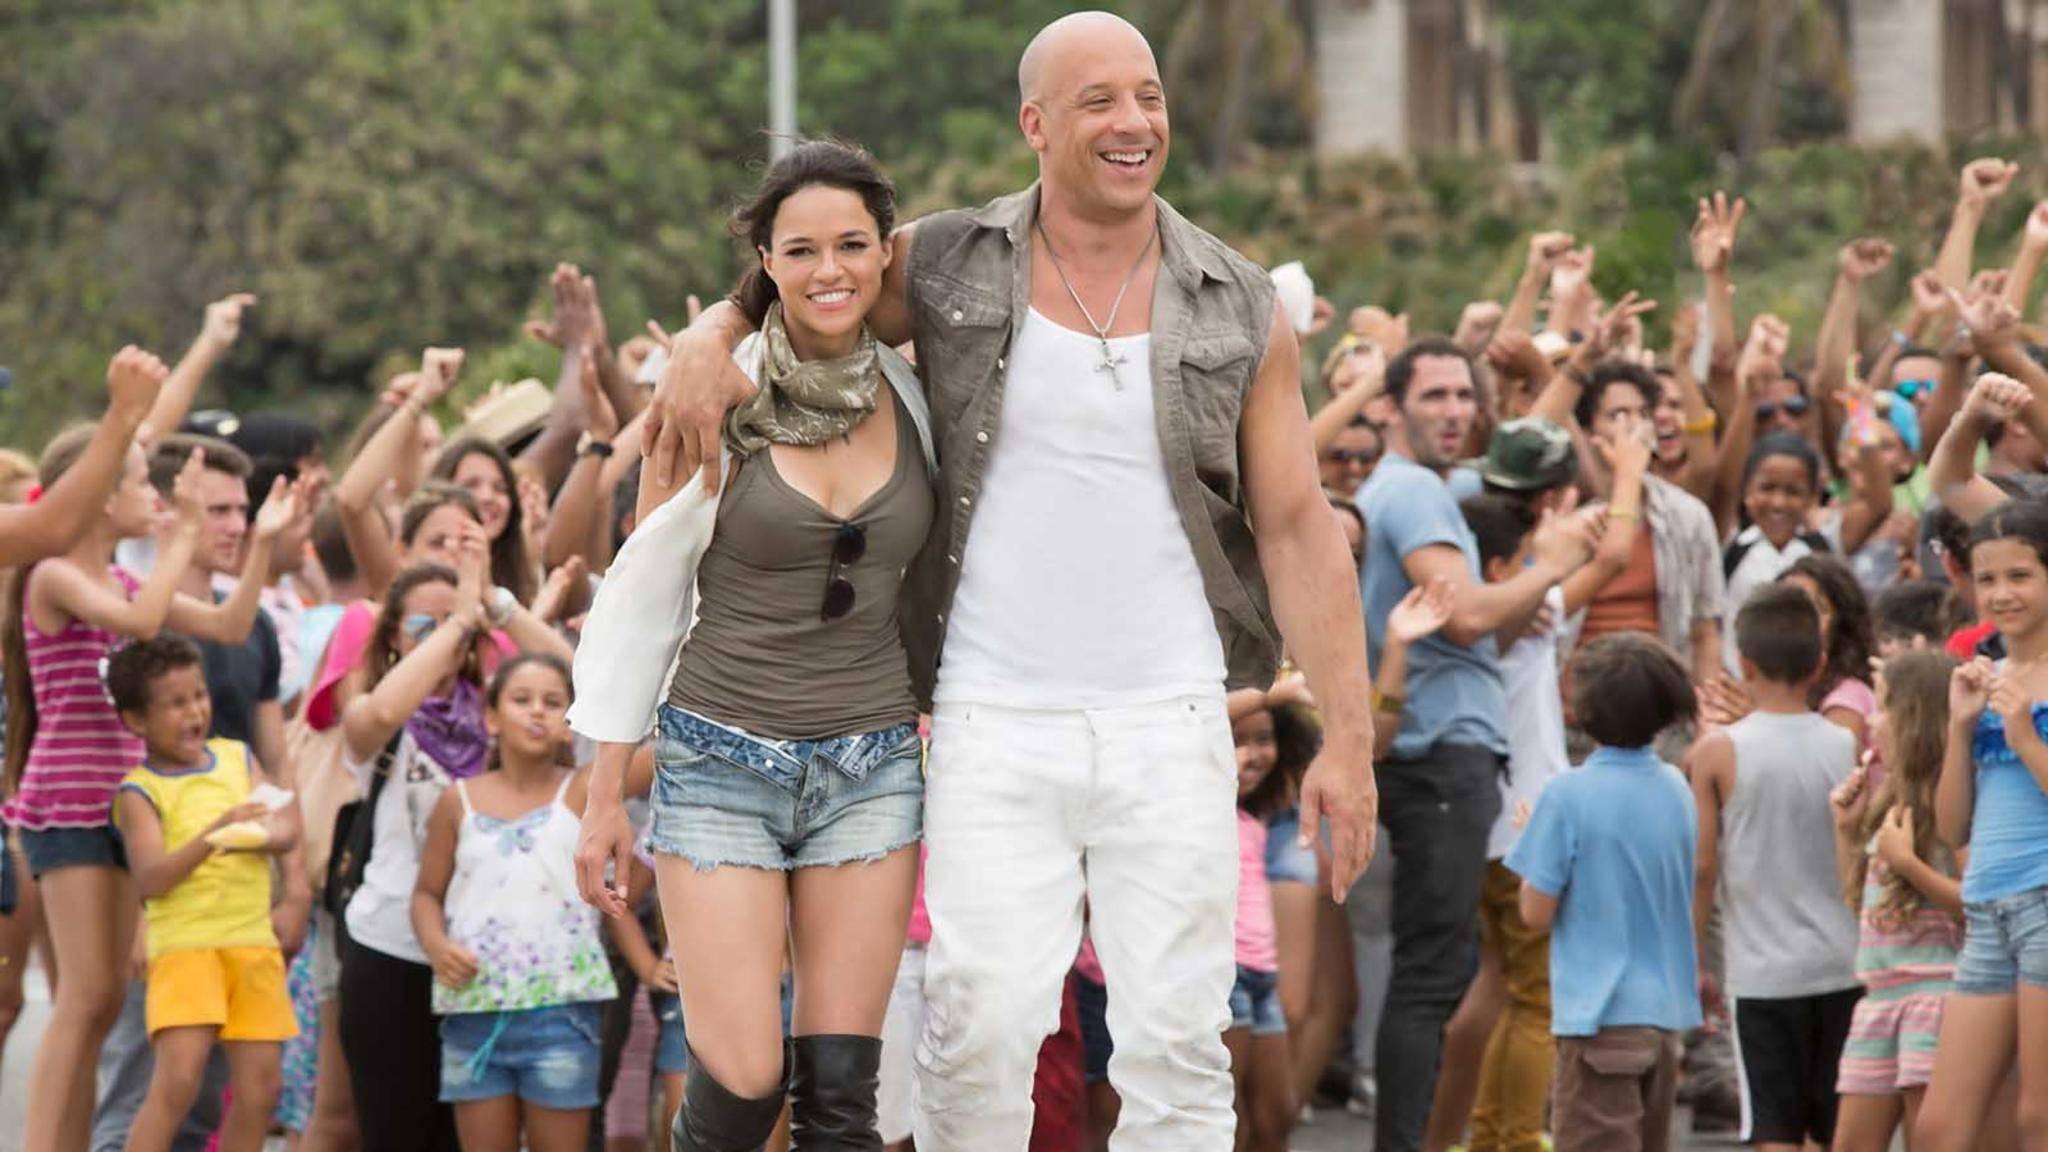 """Bisher waren Letty und Dom ein Dreamteam. Ob das jedoch auch für """"Fast and Furious 9"""" noch gilt, bleibt abzuwarten."""